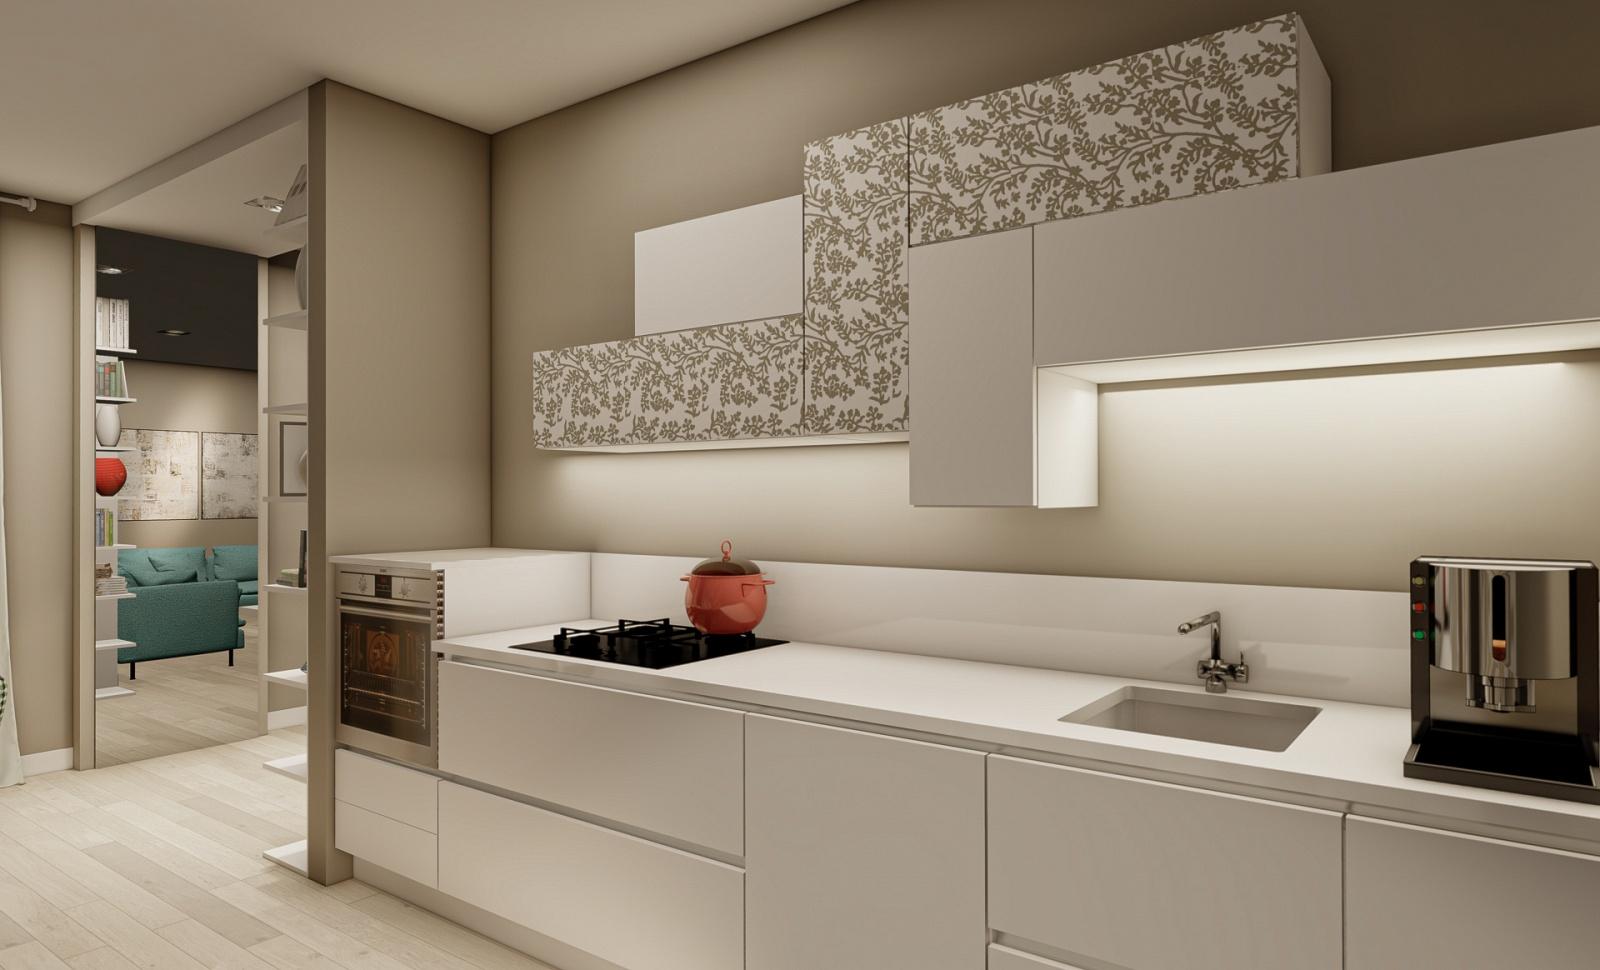 13-Mini appartamento per due.